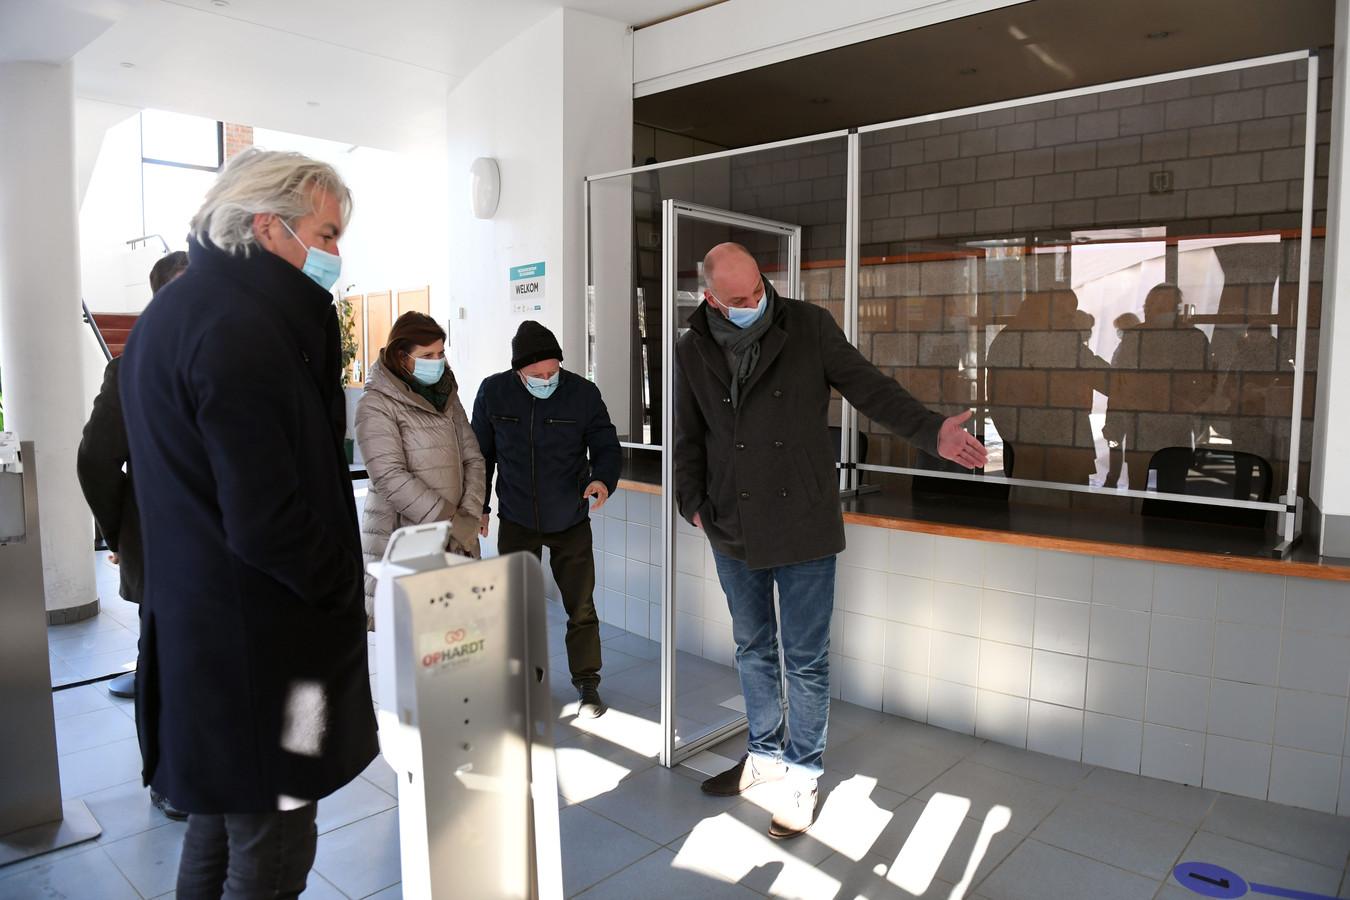 Vaccinatiecentrum De Roosenberg in Oud-Heverlee